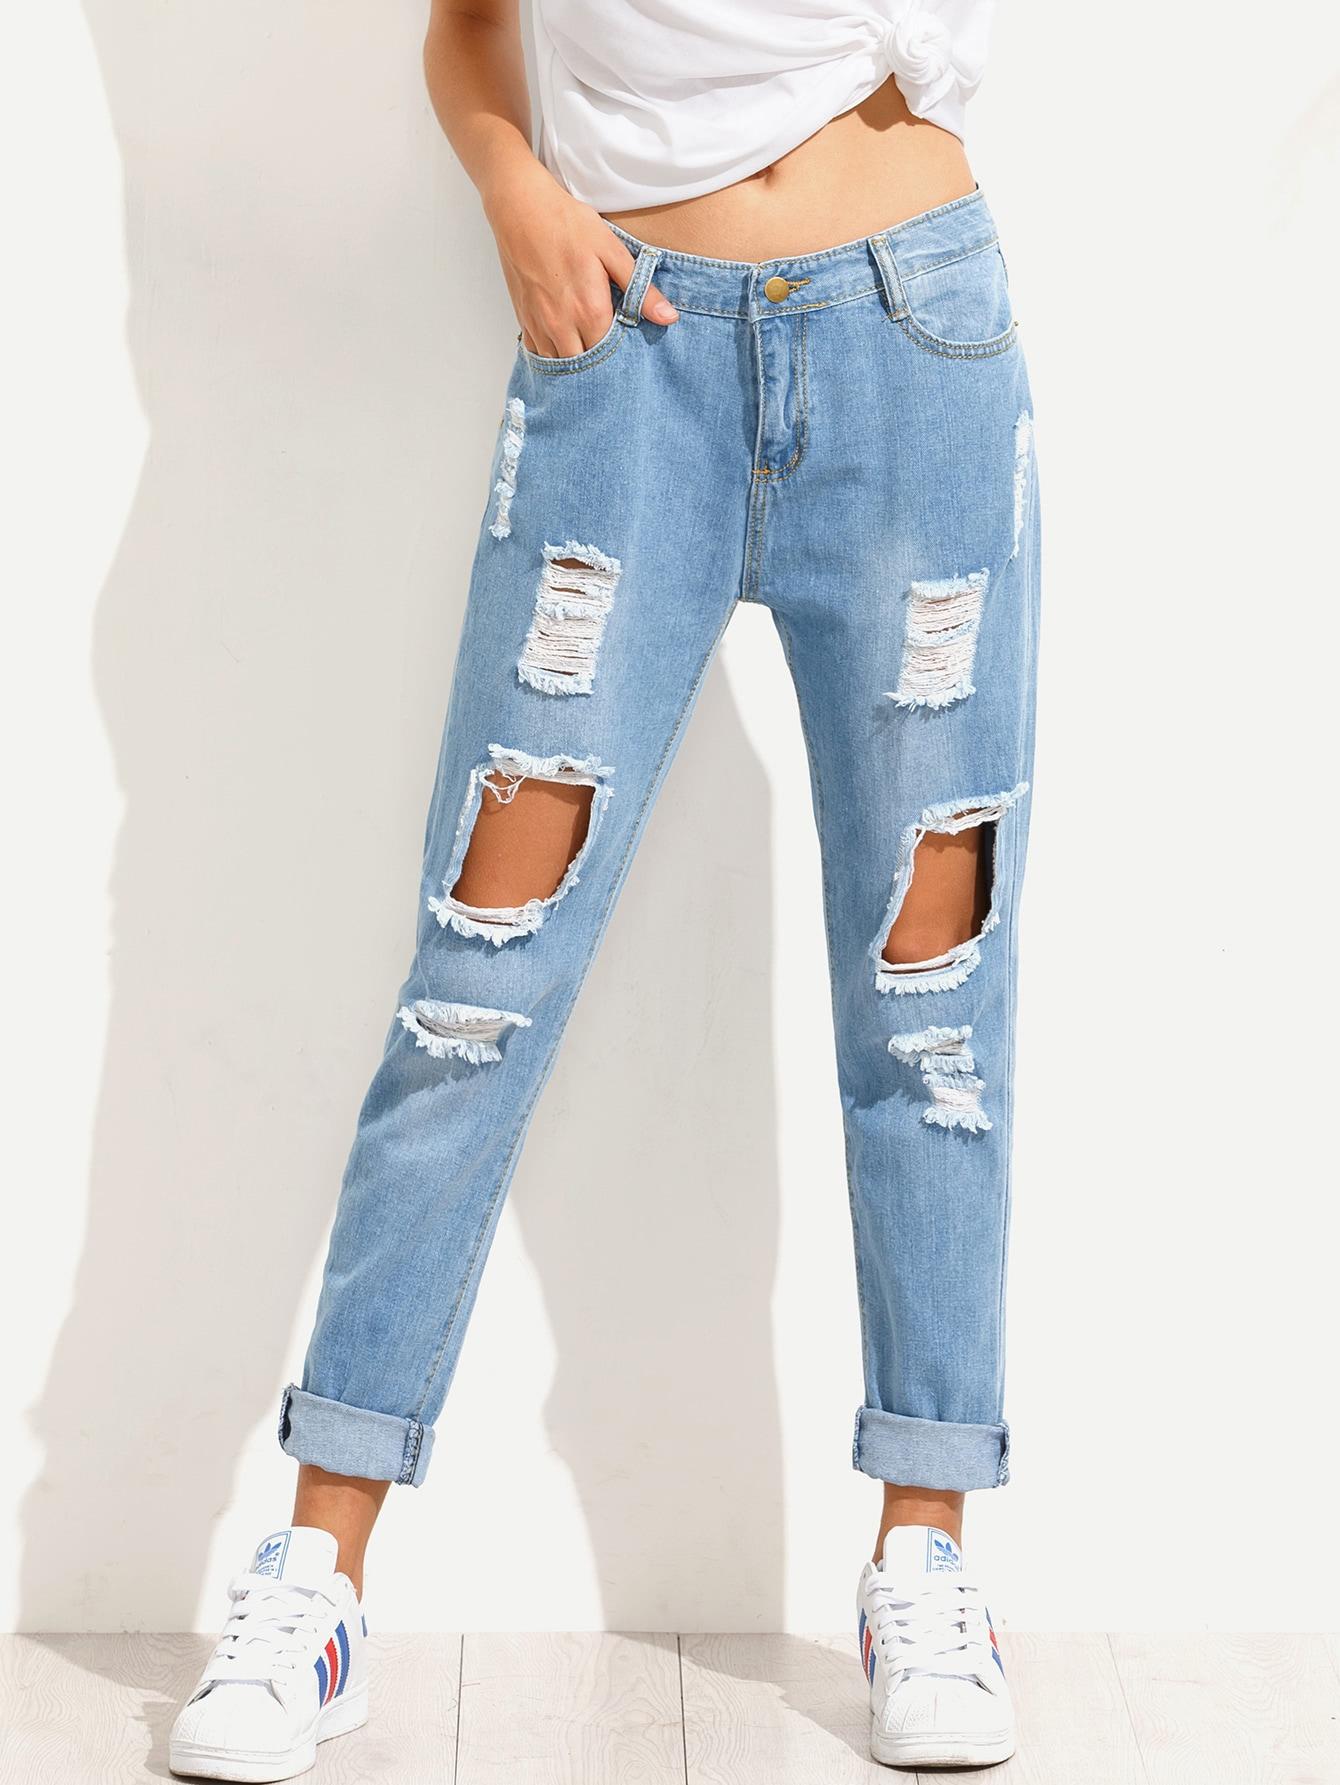 Distressed boyfriend jeans for women